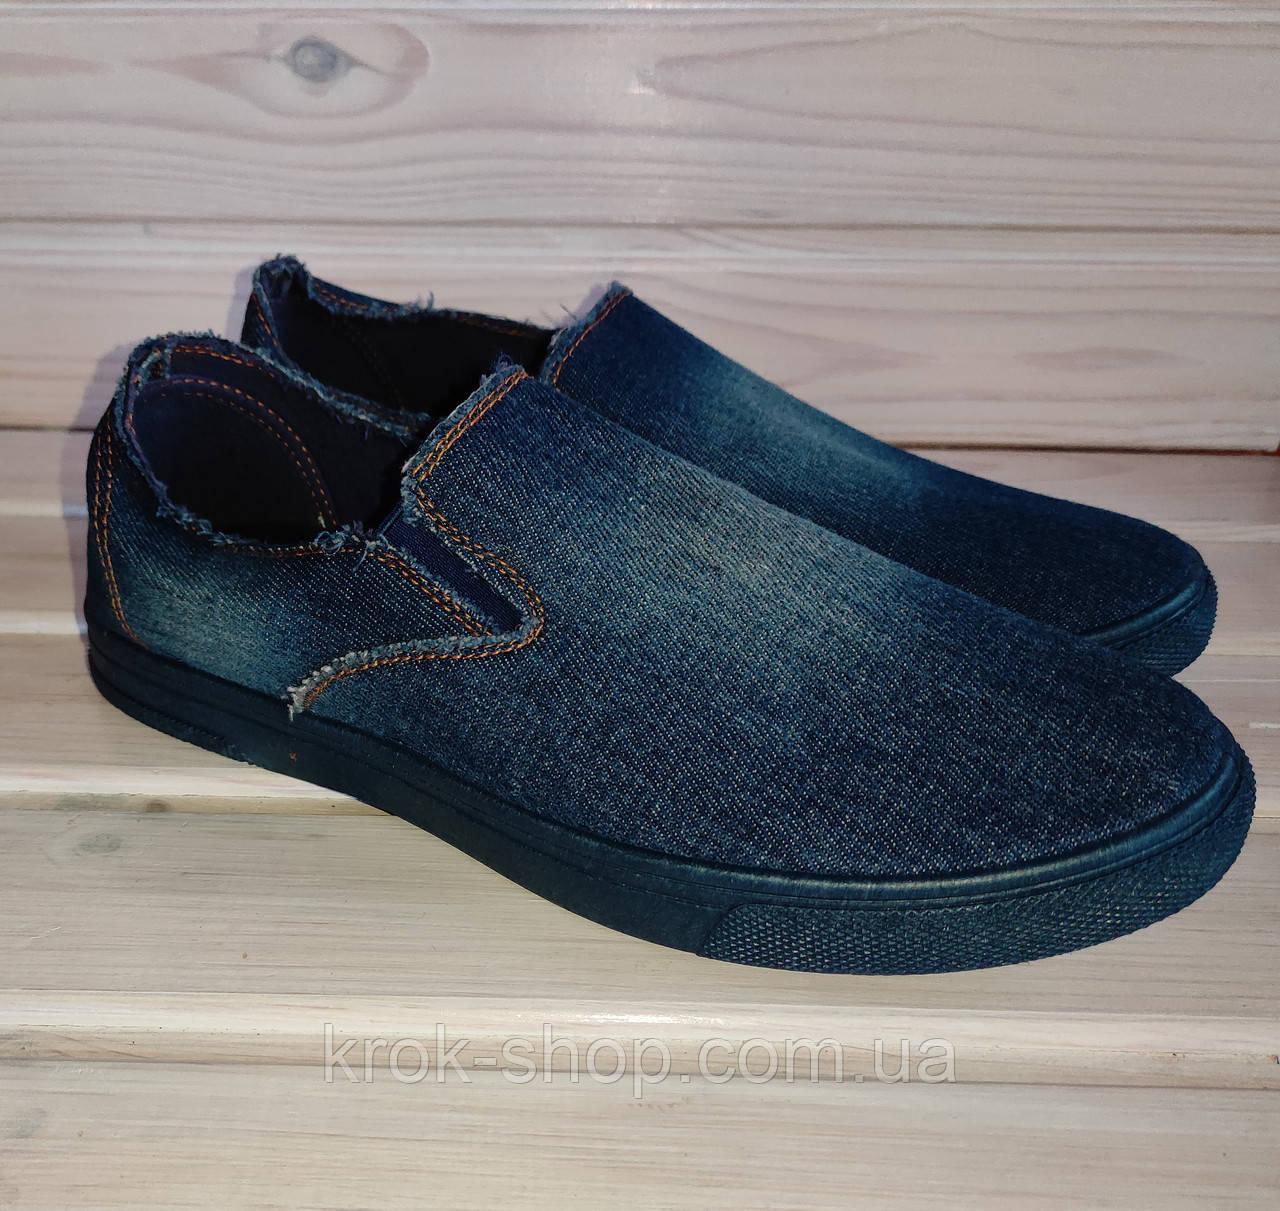 Мокасины  мужские джинс Крок оптом